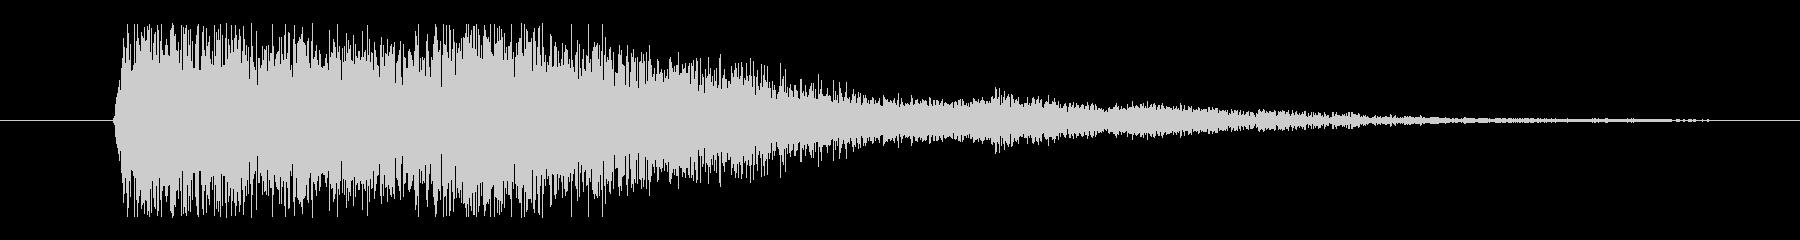 ヘビーシートメタルクラッシュ、金属衝撃の未再生の波形